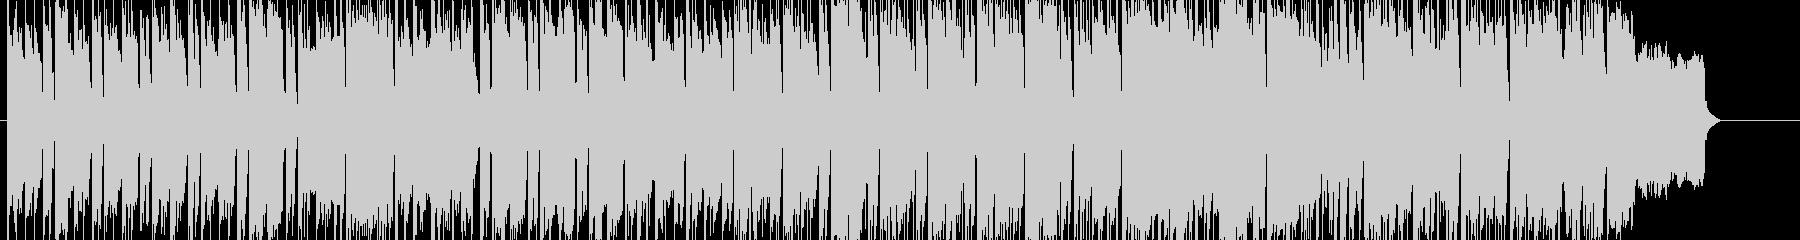 ダンジョン探索をするような怪しいBGMの未再生の波形